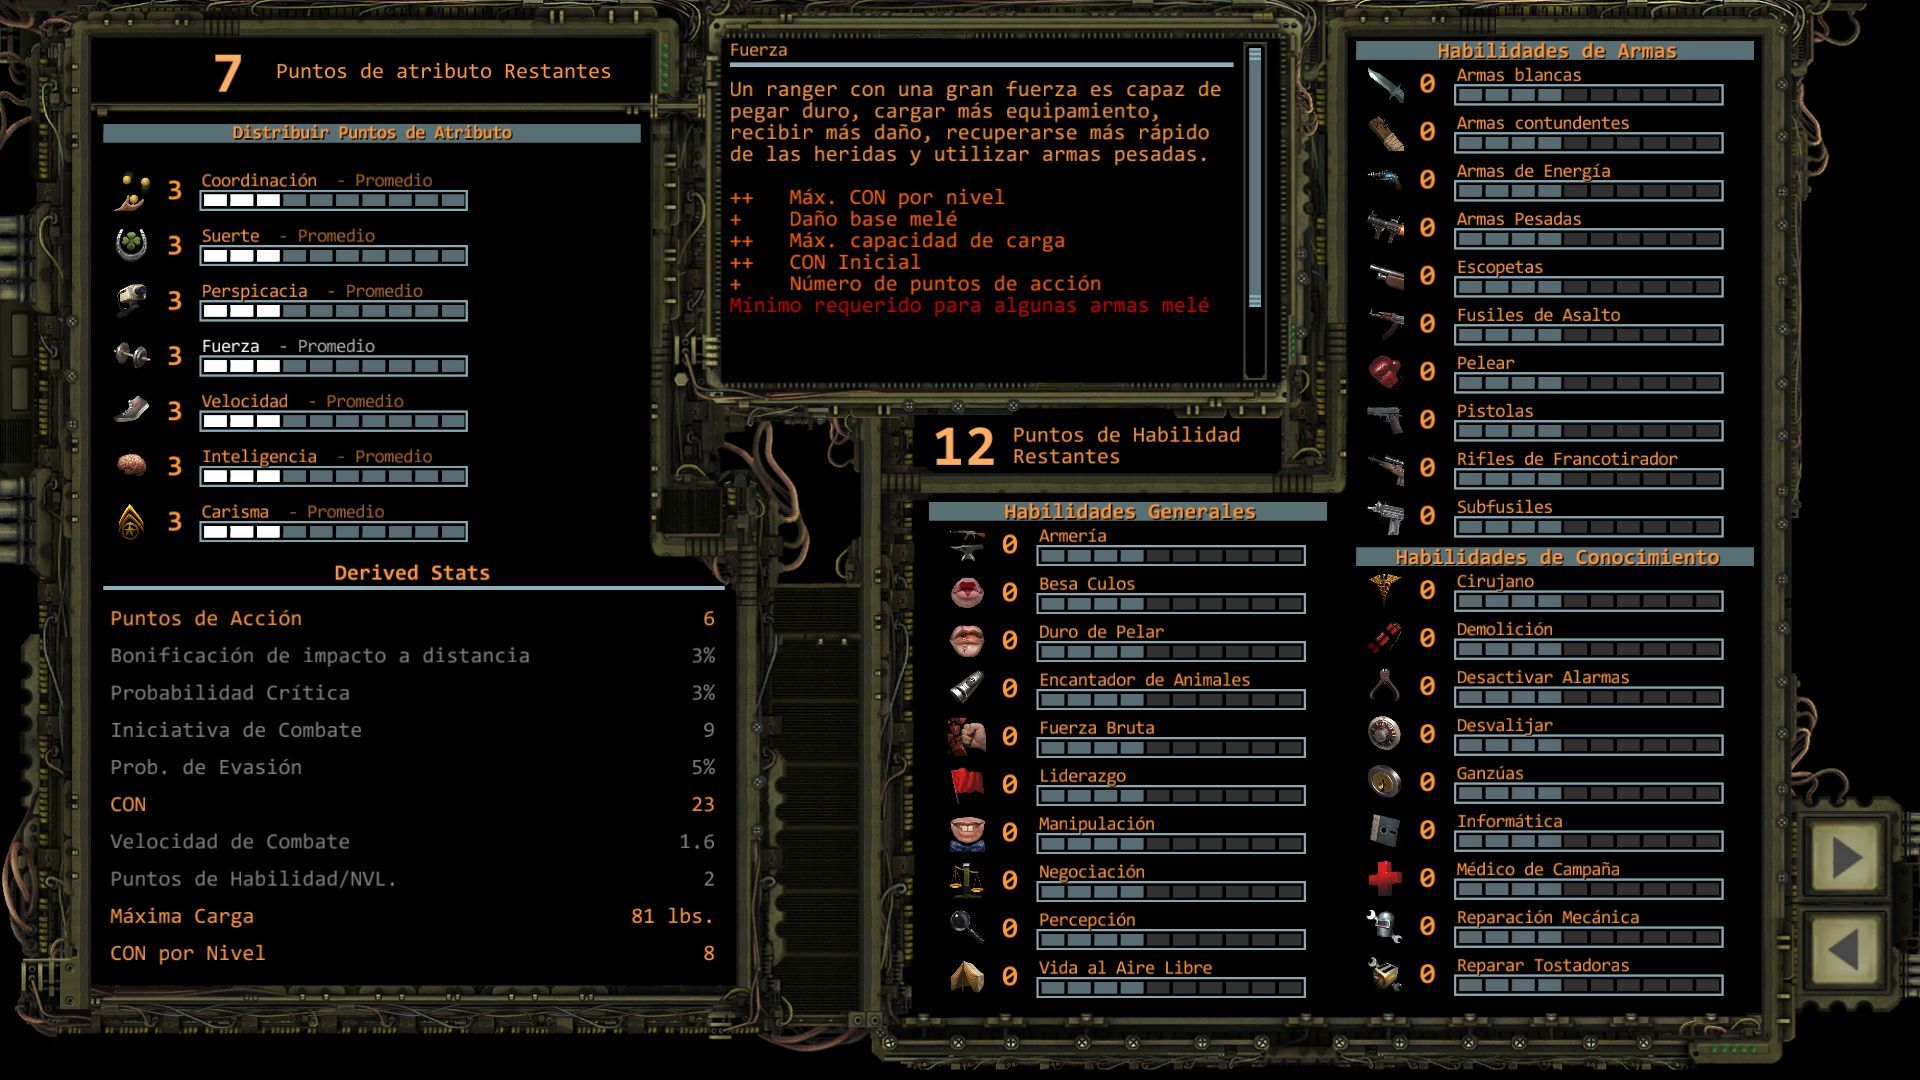 Foto de Distribución de puntos de Atributo en Wasteland 2 (10/11)